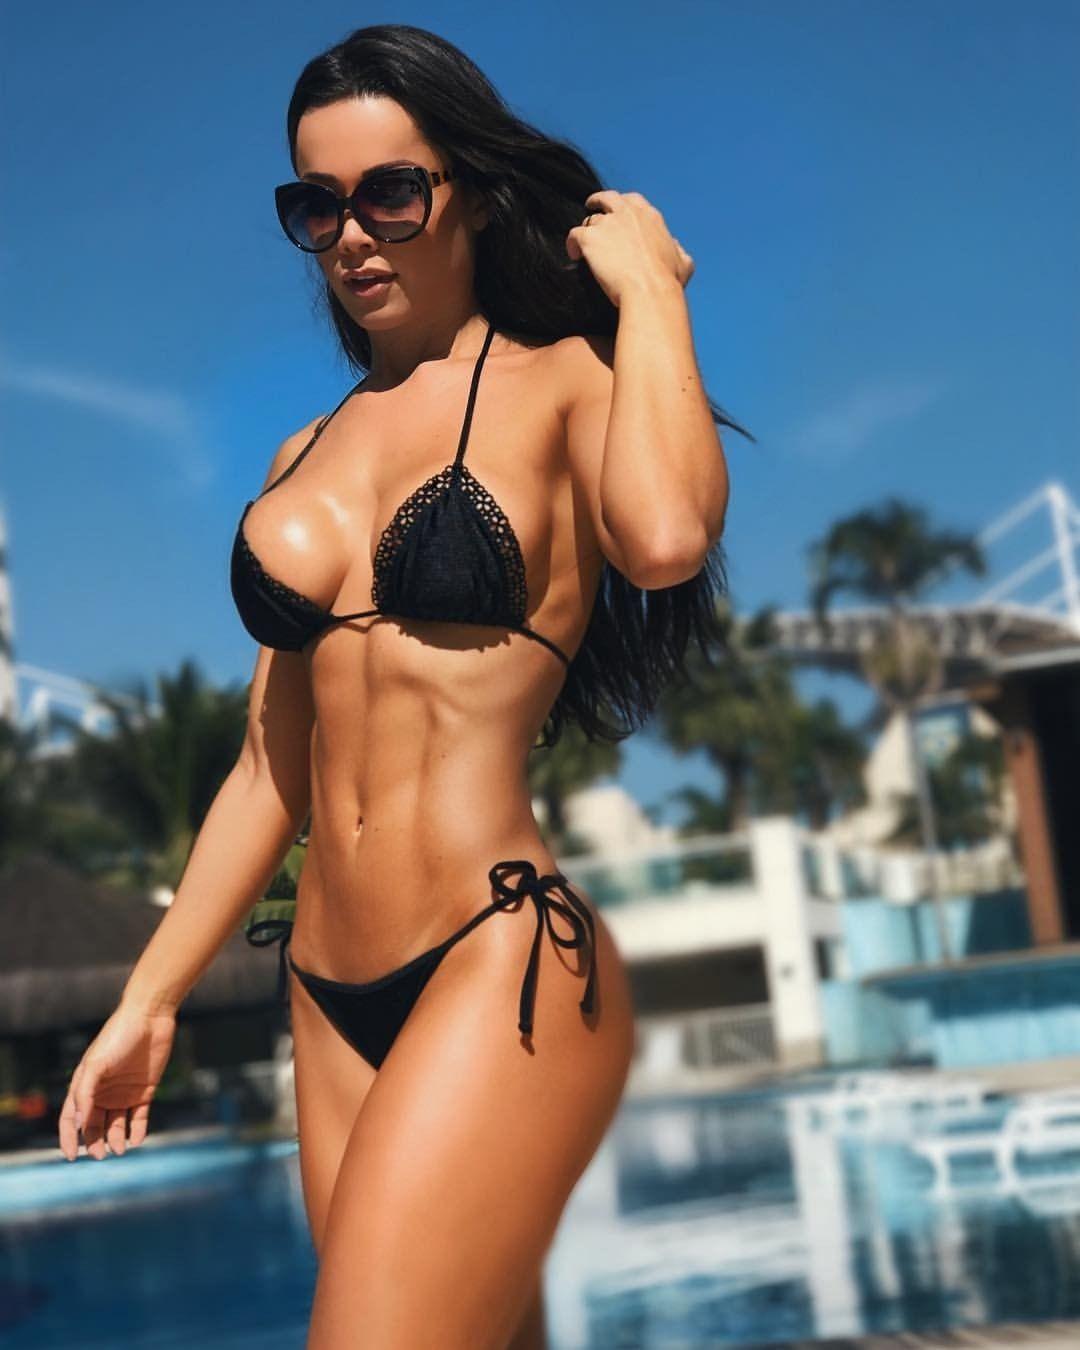 Bikini Kelsey Rae nude (56 pics), Boobs